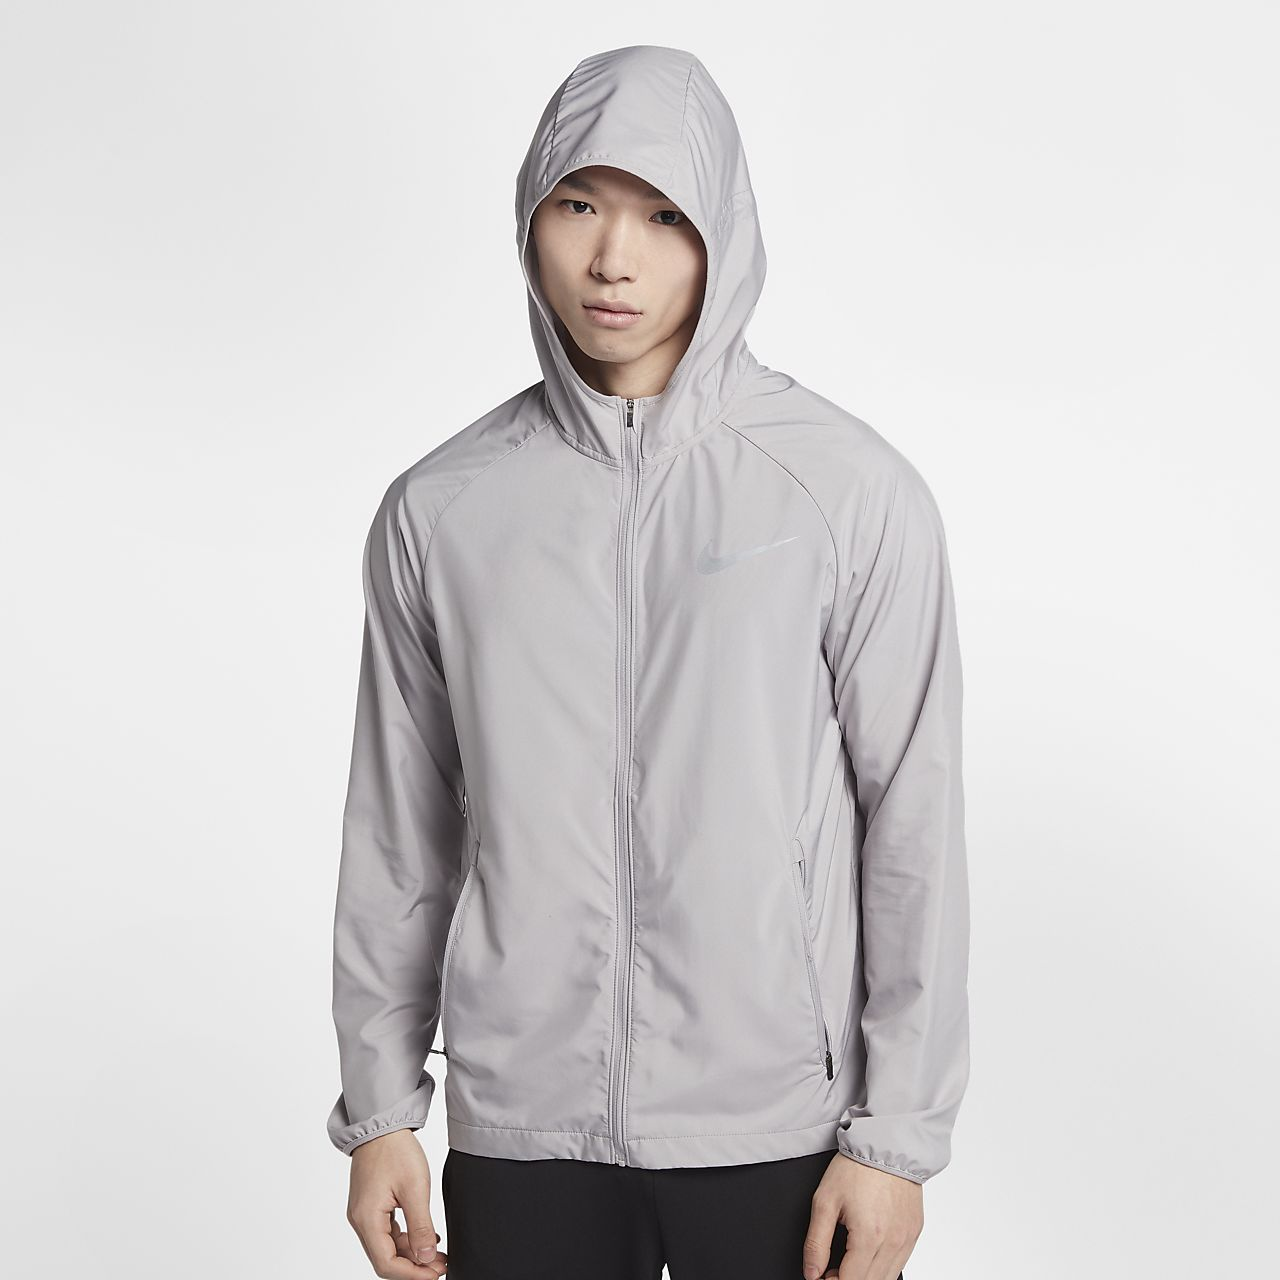 Nike Essential 男子跑步夹克